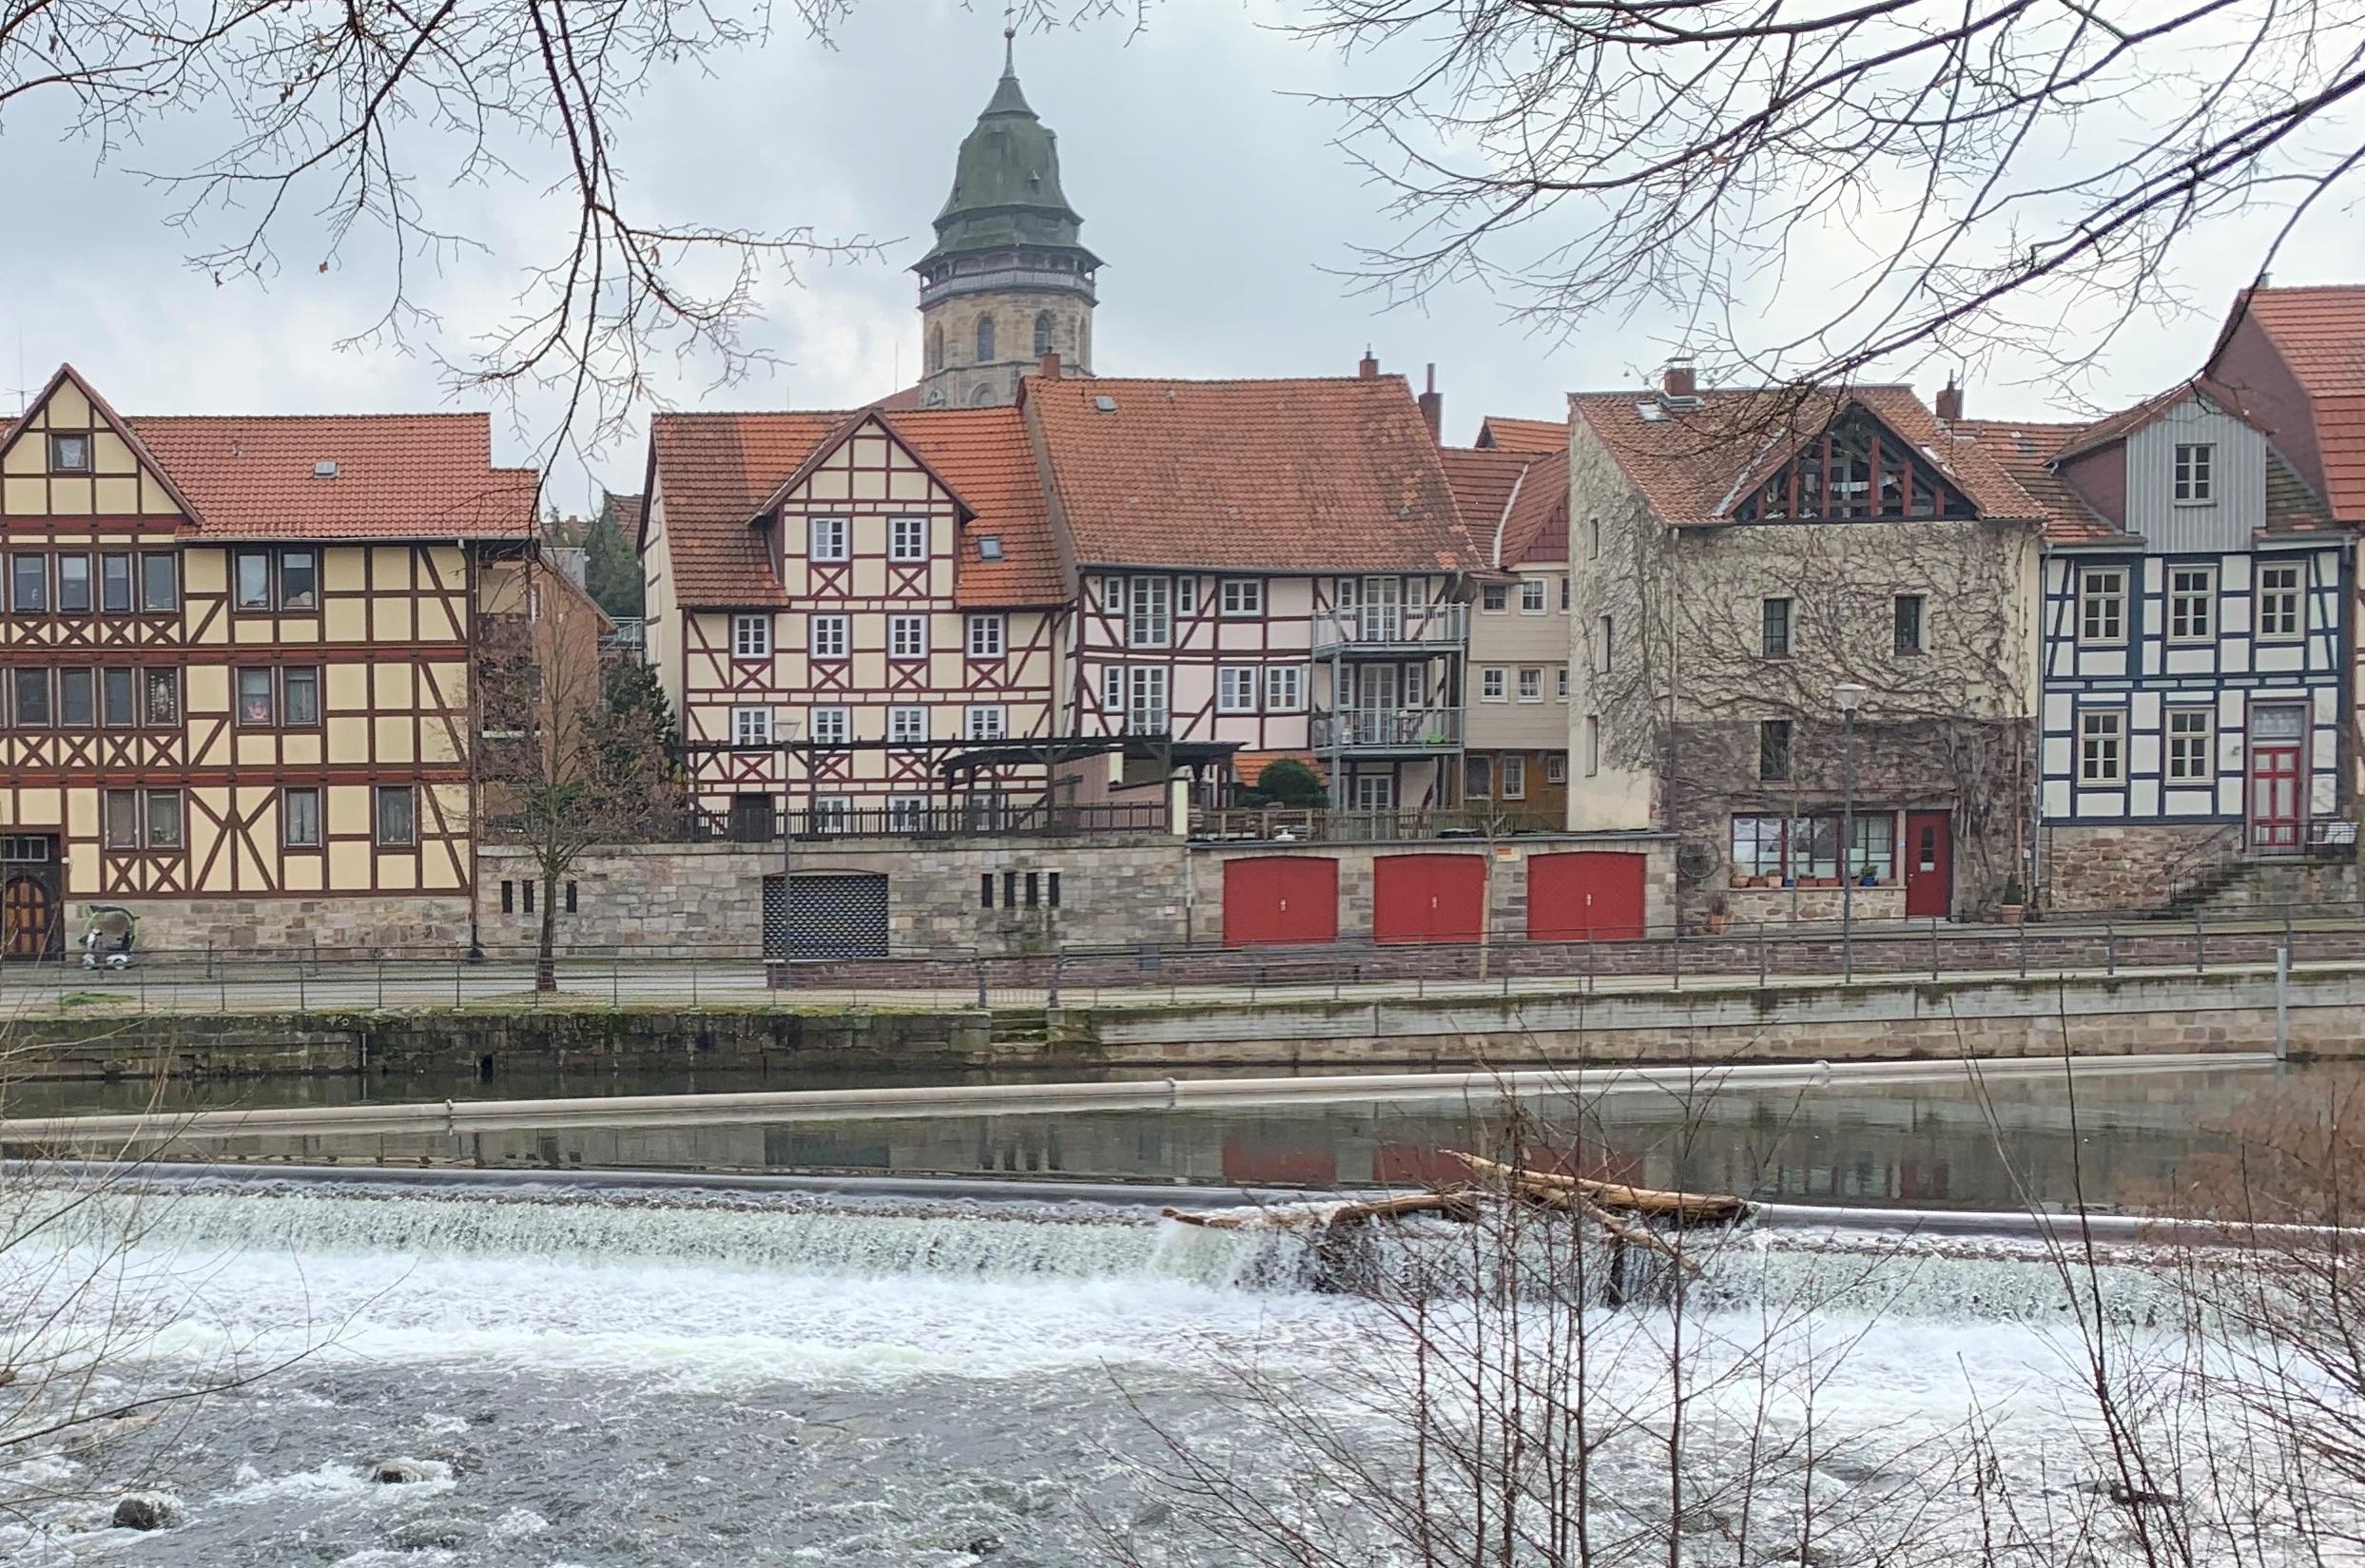 Grün Blauer Ring Hann. Münden wird mit 60.000 Euro gefördert